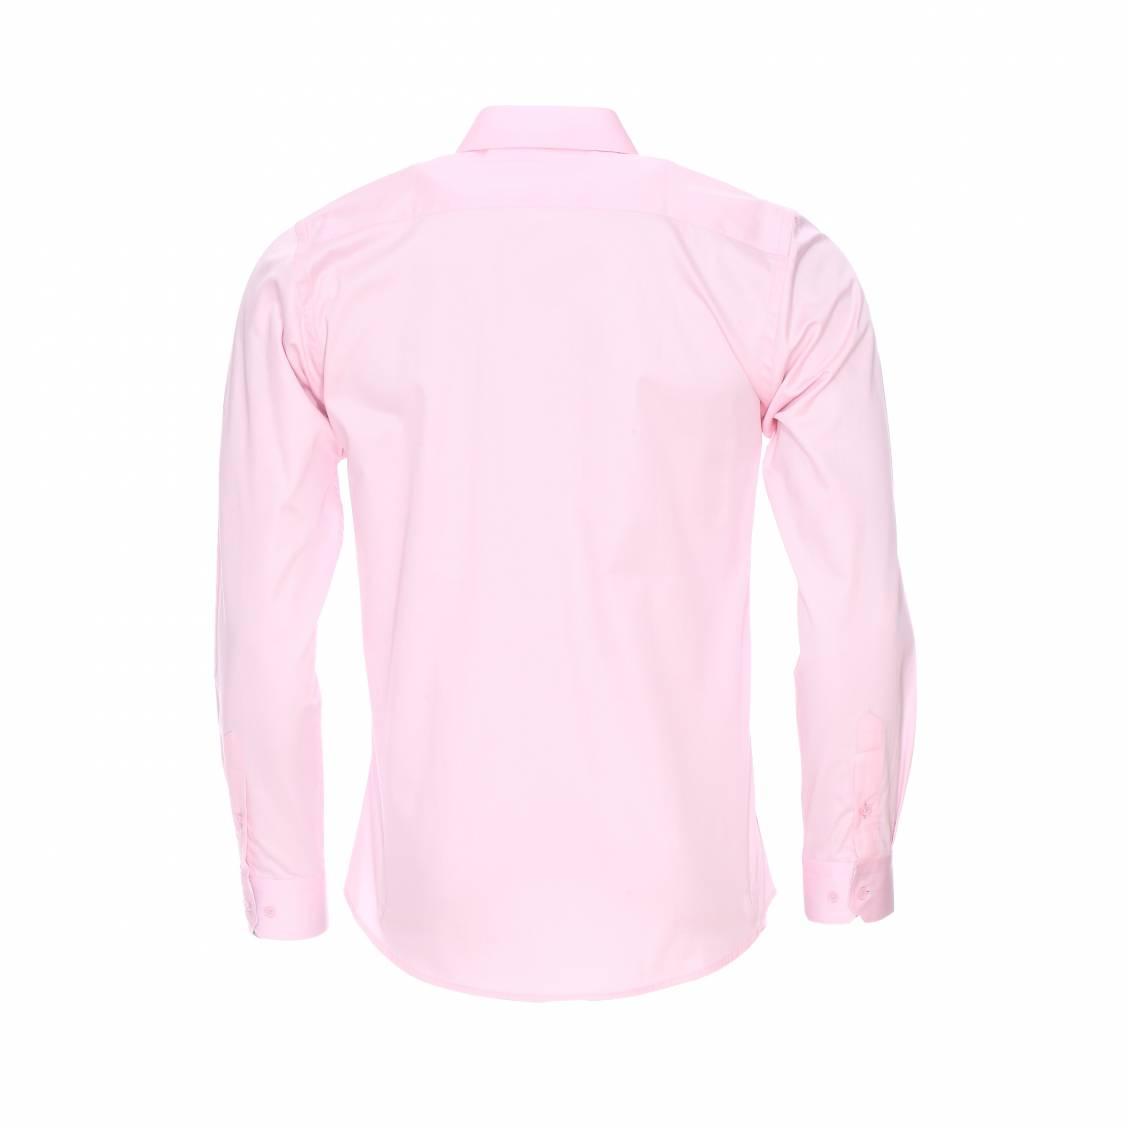 chemise cintr e m adrine en coton rose p le opposition carreaux gris et blancs rue des hommes. Black Bedroom Furniture Sets. Home Design Ideas